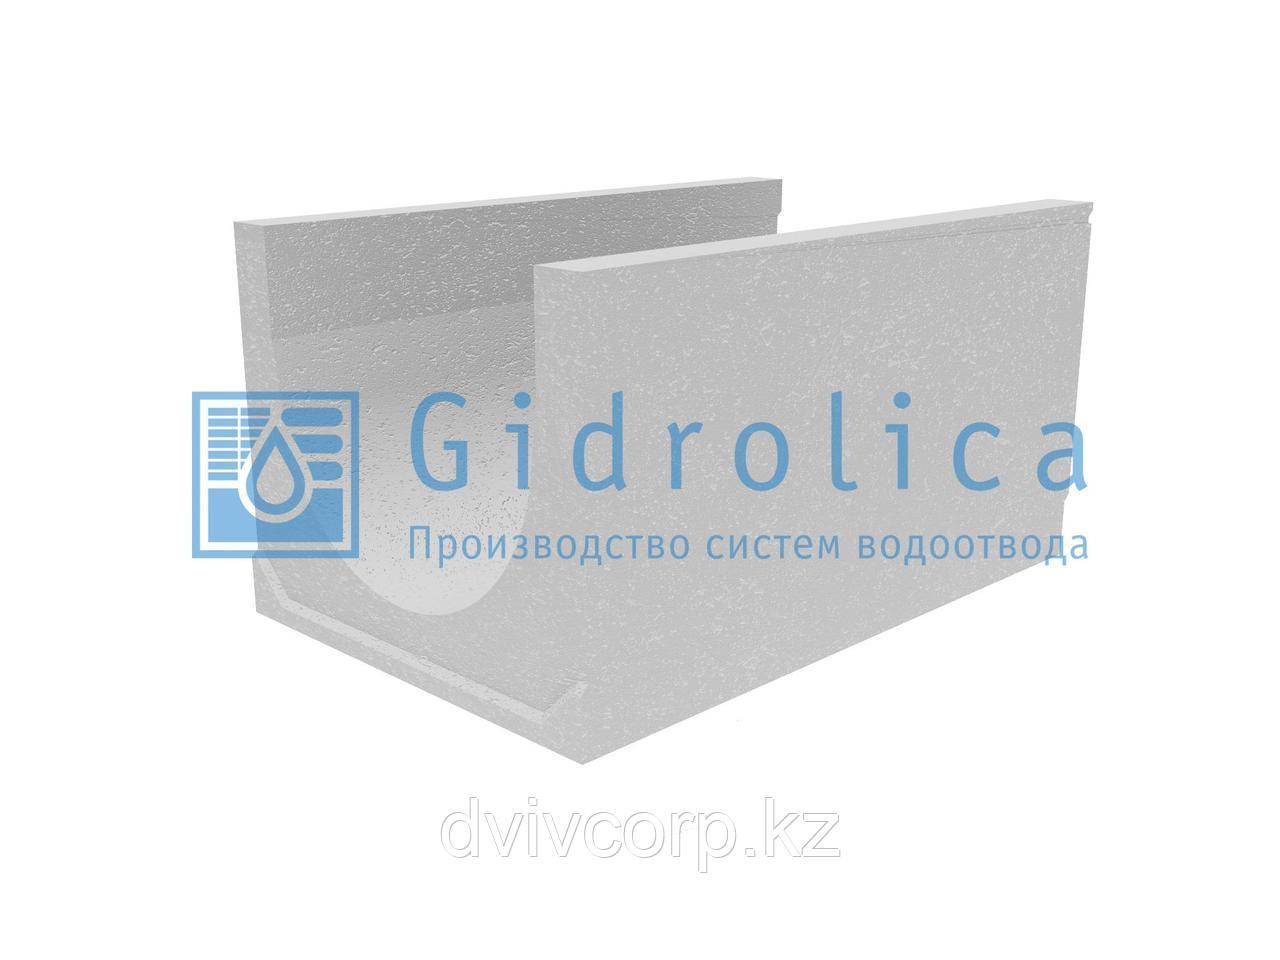 Лоток водоотводный бетонный коробчатый (СО-500мм), с уклоном 0,5%  КU у100.65(50).53,5(44,5) - BGU-XL, № 17